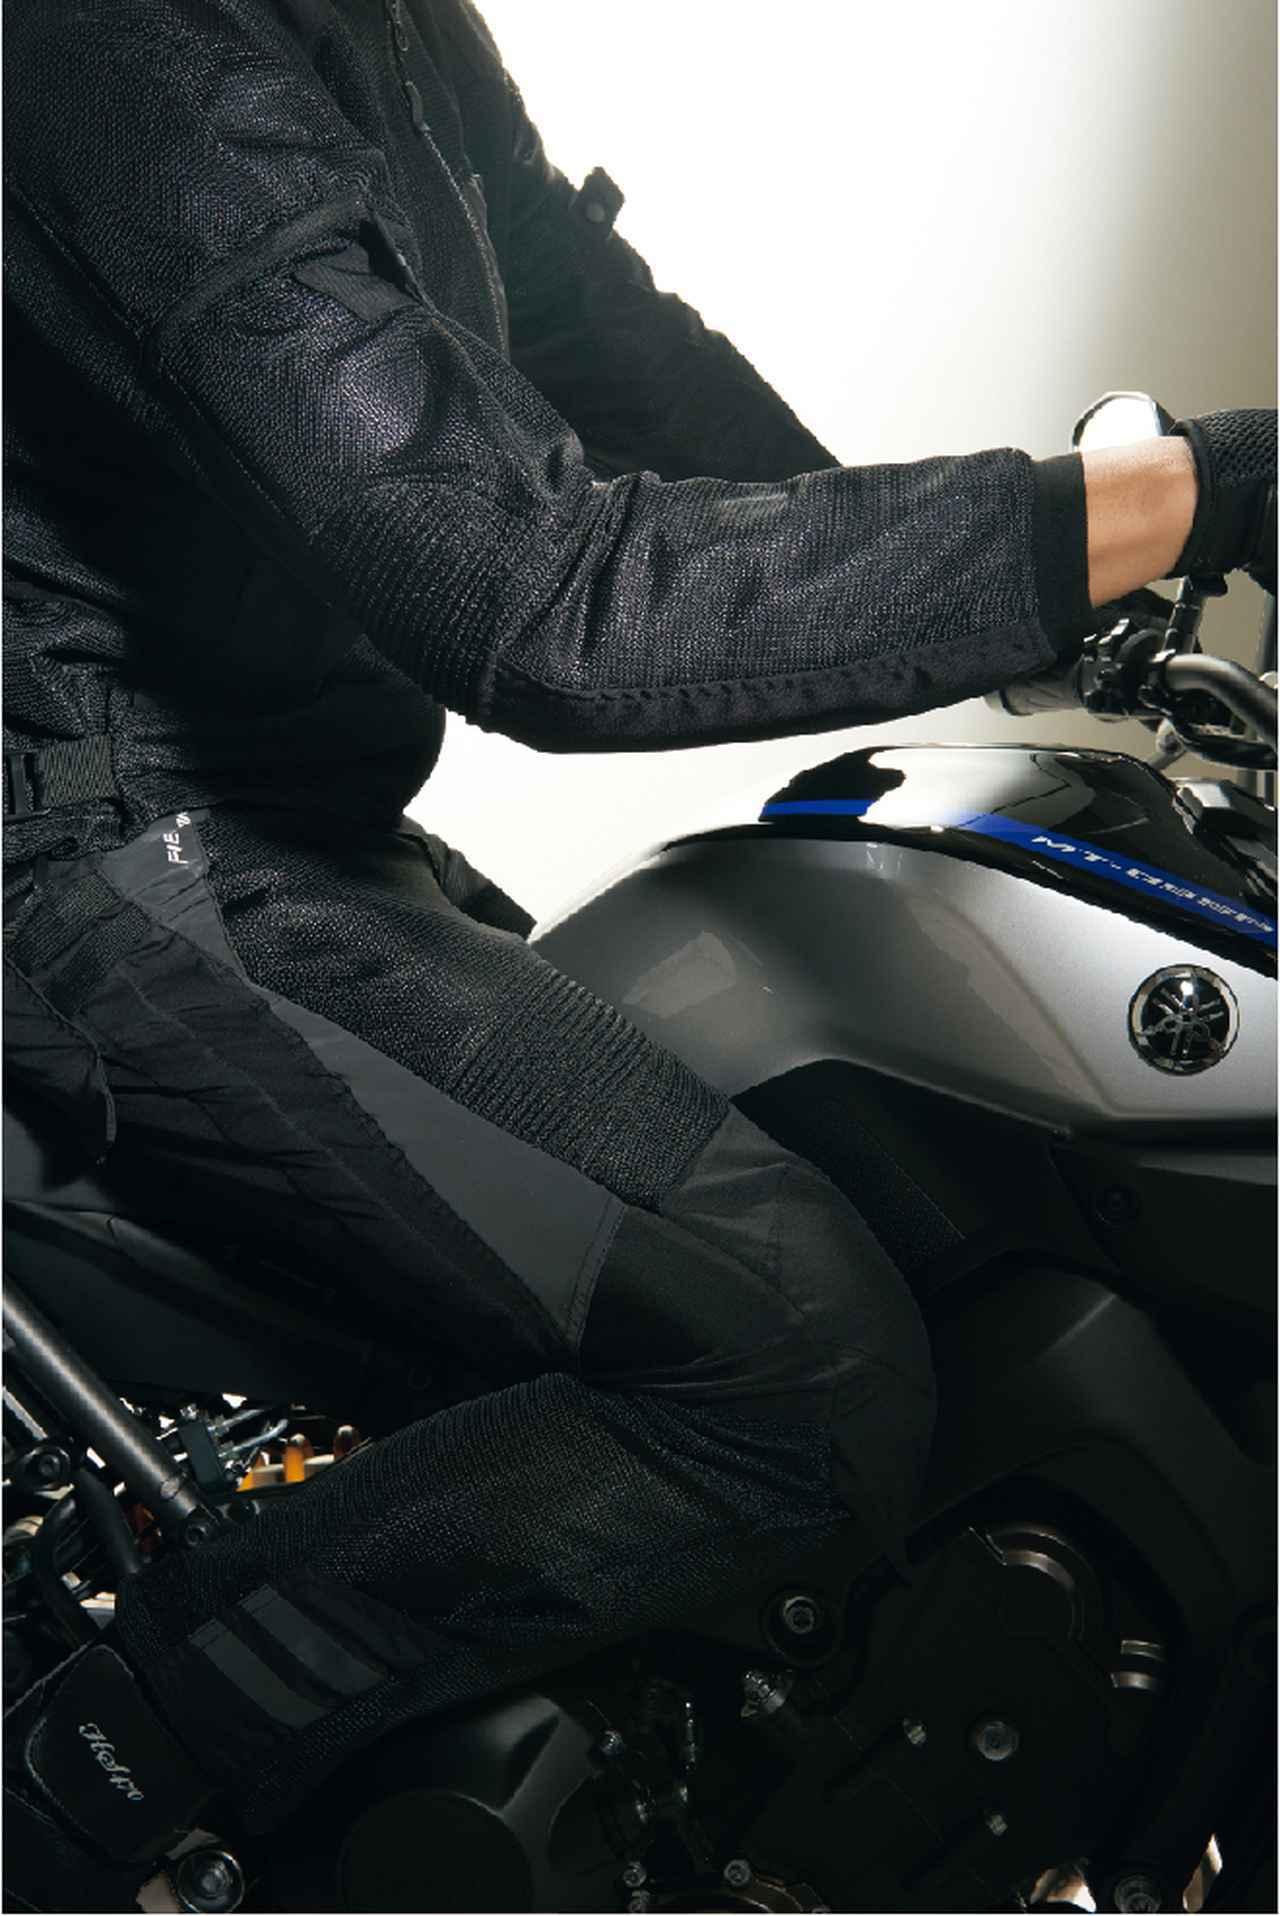 画像1: バイク乗りにおすすめ【ワークマン】2020年春夏 新製品8選!「フィールドコア」からライダー向けメッシュパンツ・ジャケット、「イージス」から新作レインスーツが登場